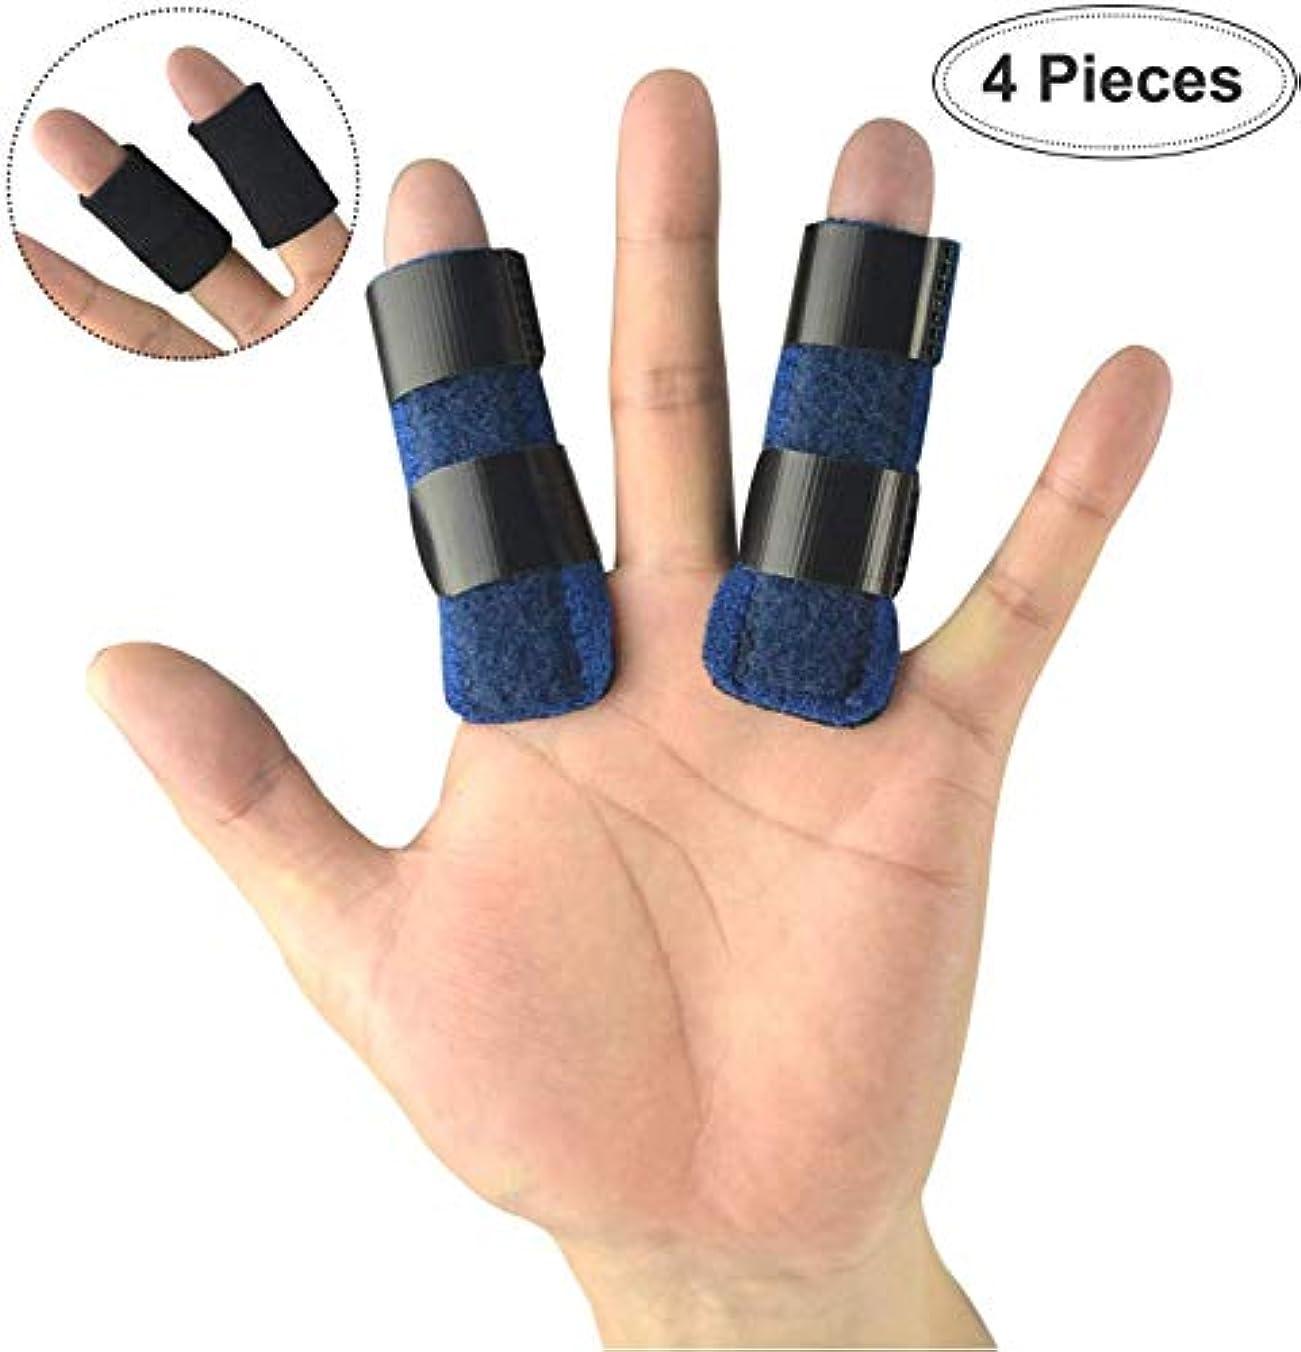 レコーダーランチョンボードトリガーフィンガースプリント(2セット)、軽量スポーツフィンガースリーブ、およびマレットフィンガー、中指、小指、関節炎、骨折指用のフィンガーブレース